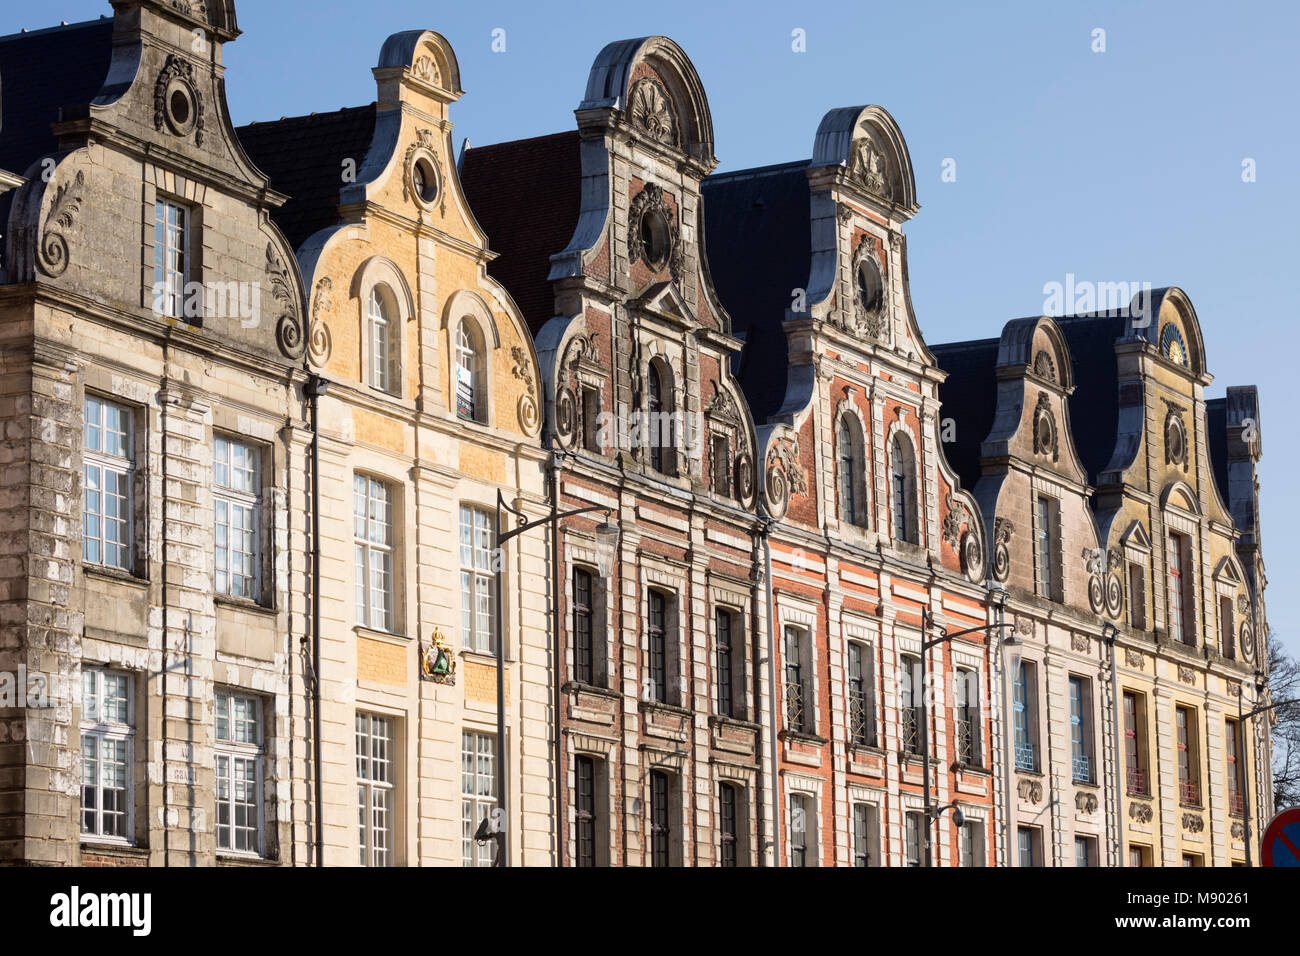 Flemish style facades on Grand Place, Arras, Pas-de-Calais, Hauts-de-France region, France, Europe - Stock Image